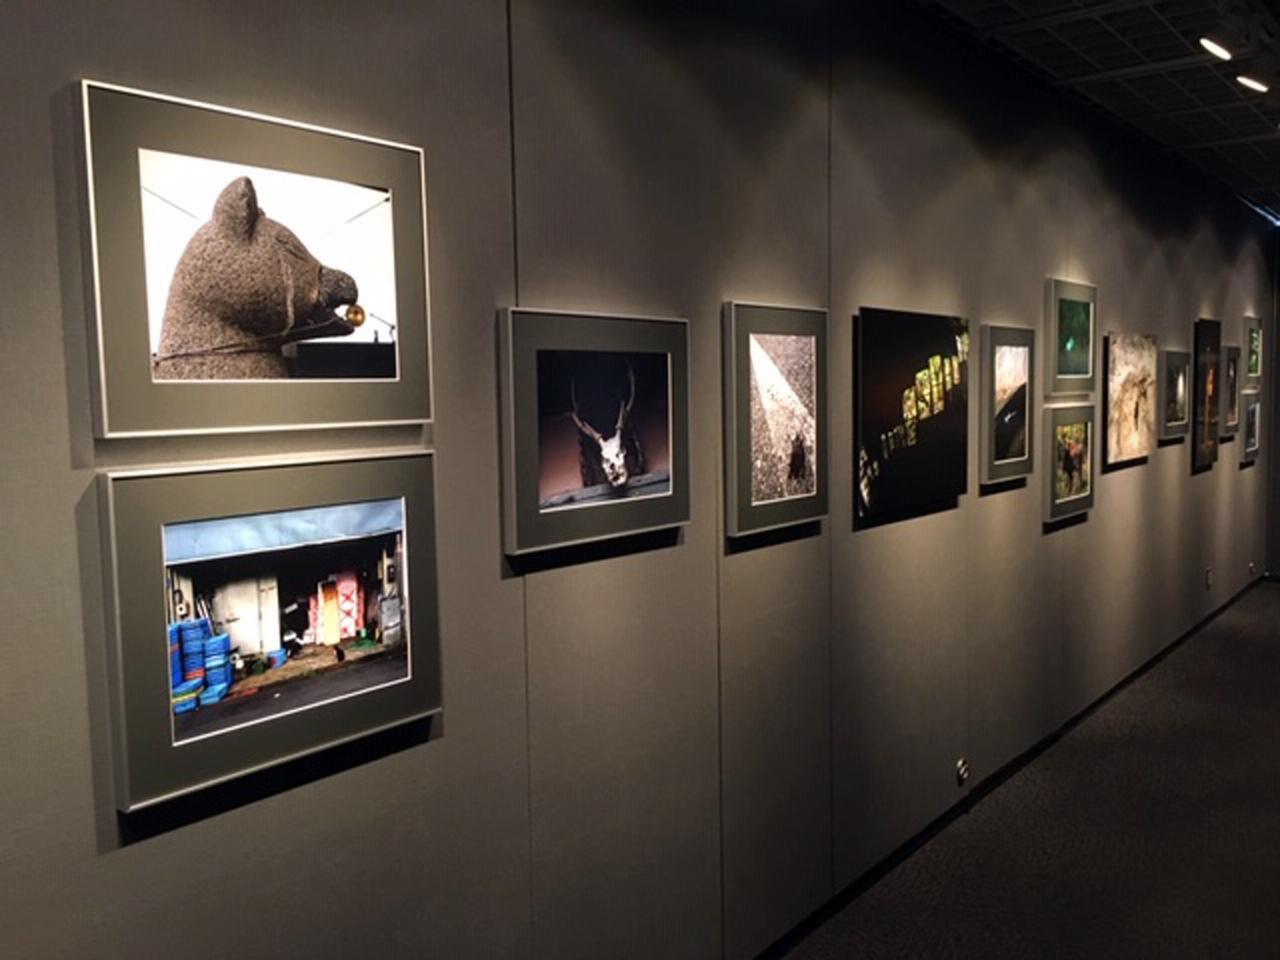 画像1: 虫上 智写真展『Unforgettable』は、新宿アイデムフォトギャラリー「シリウス」で8月29日より9月4日まで開催されます。